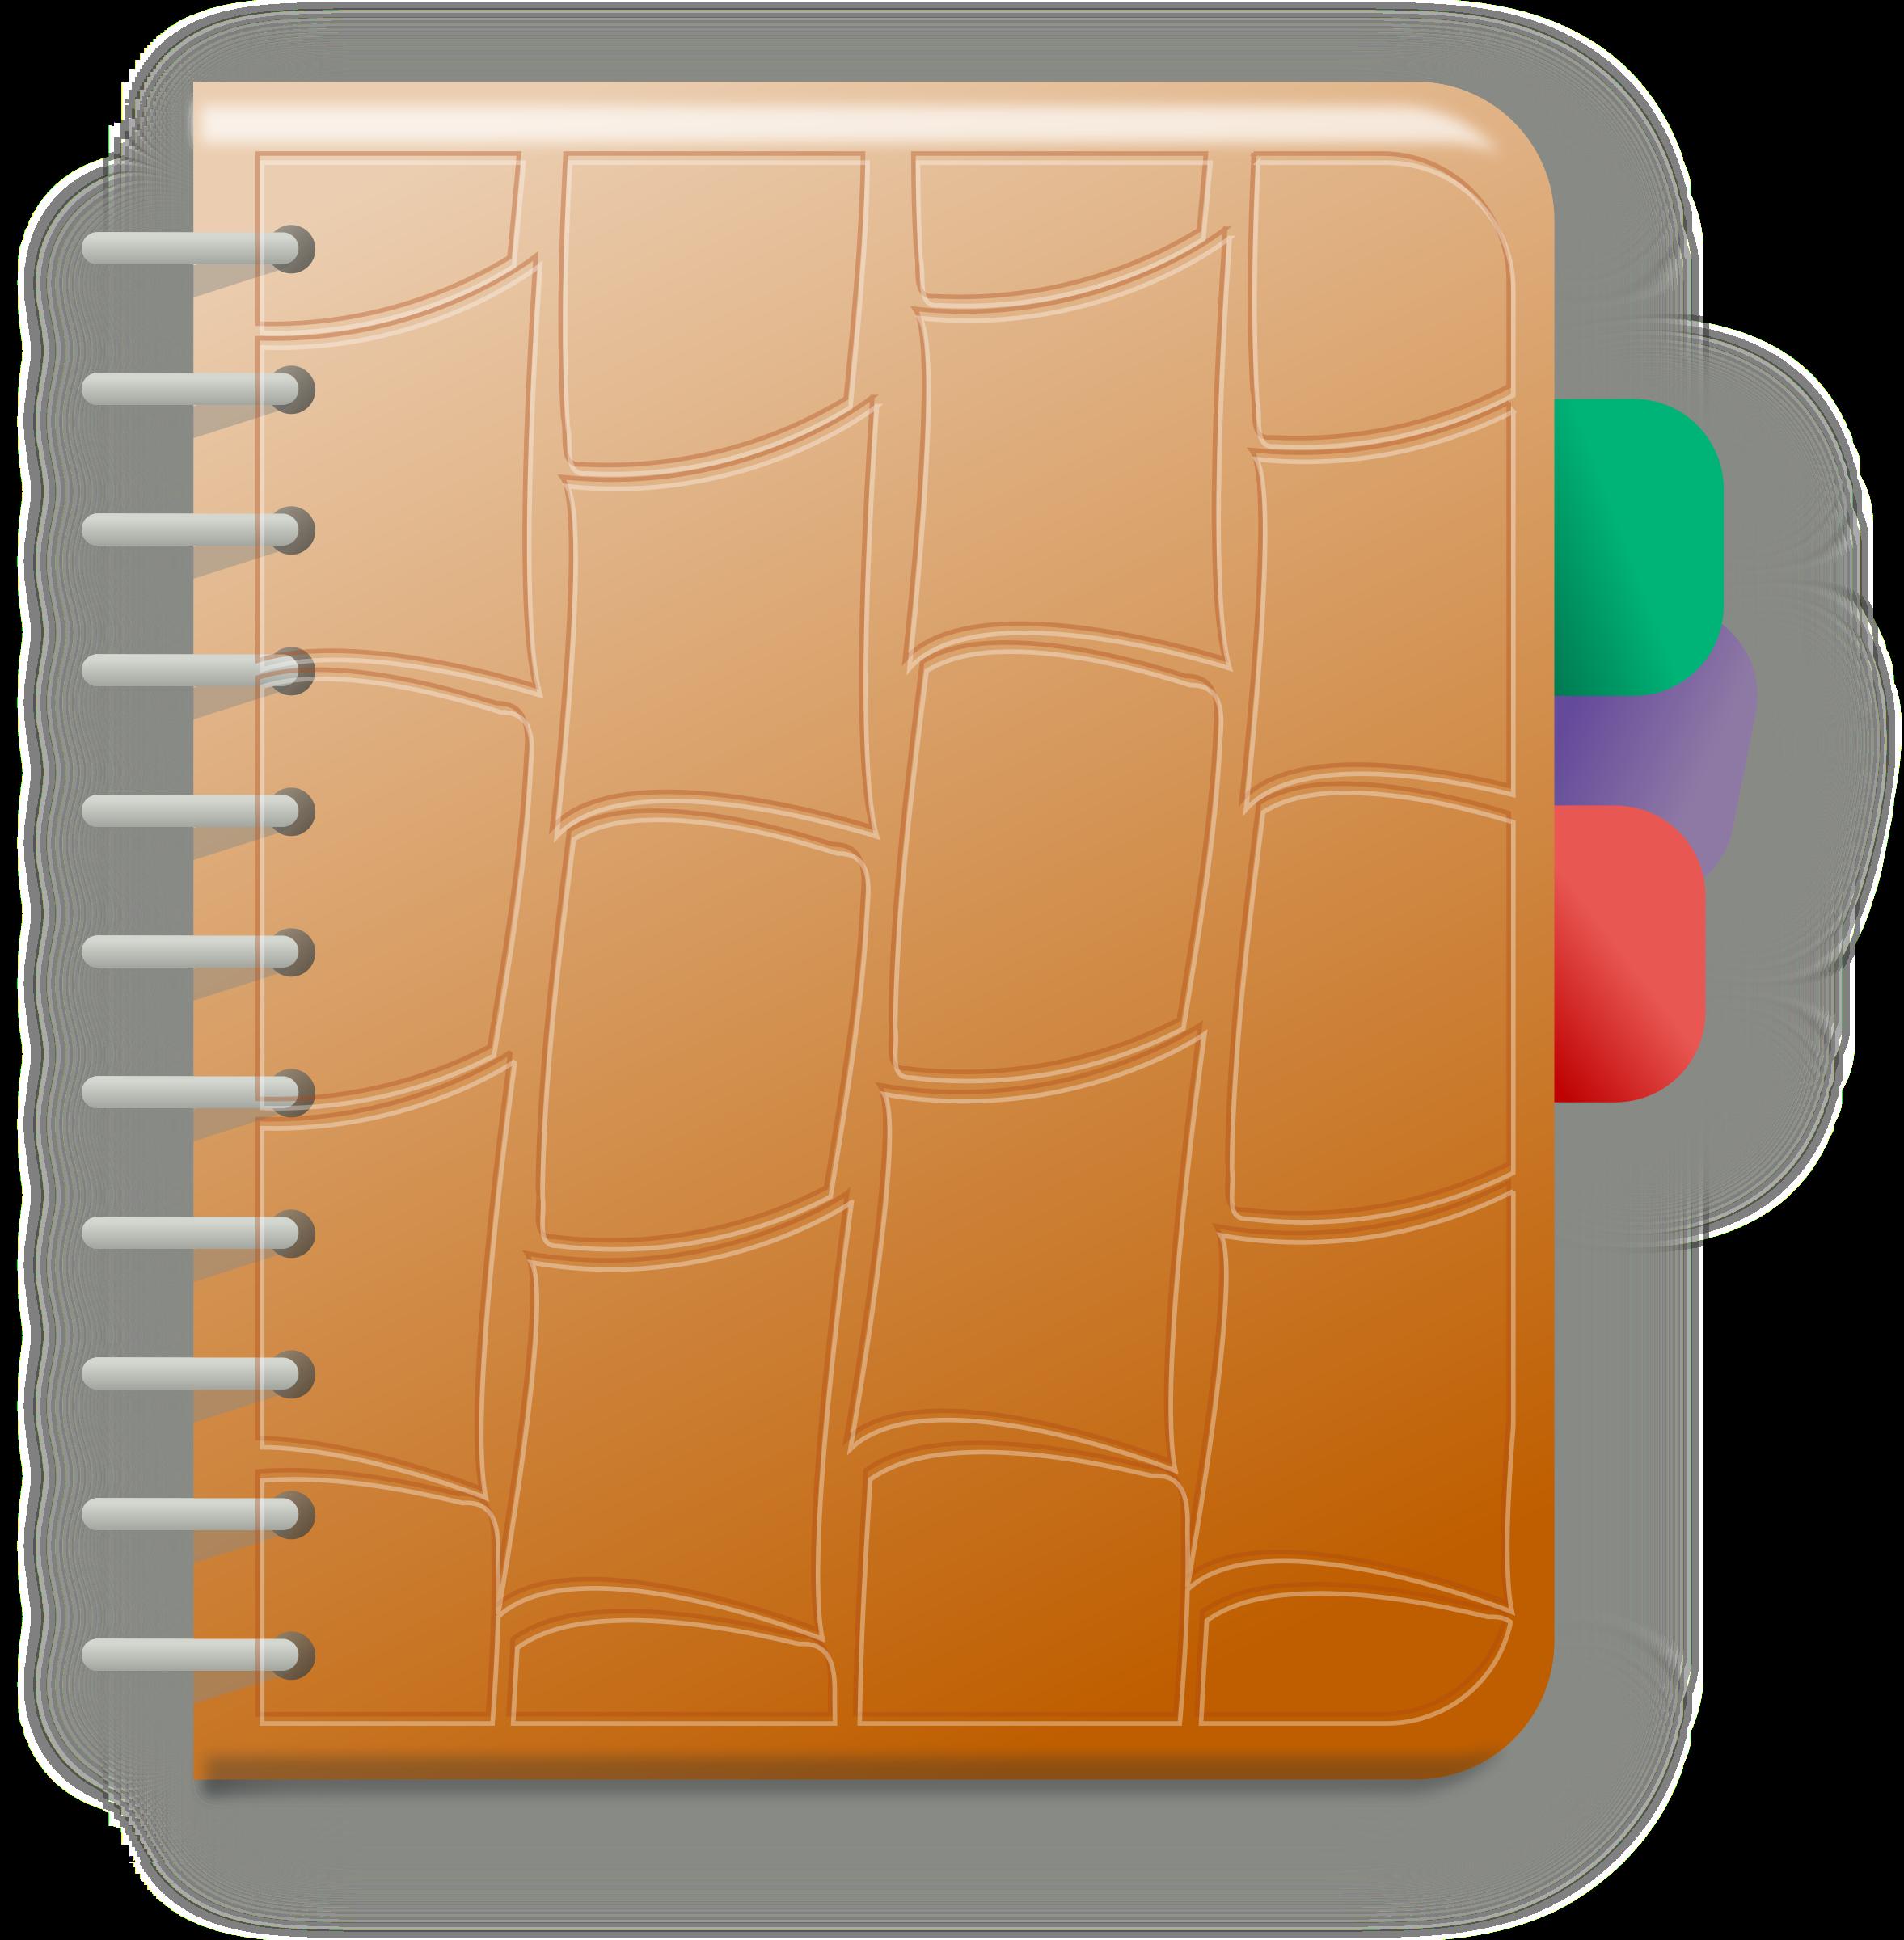 Big image png. Notebook clipart orange